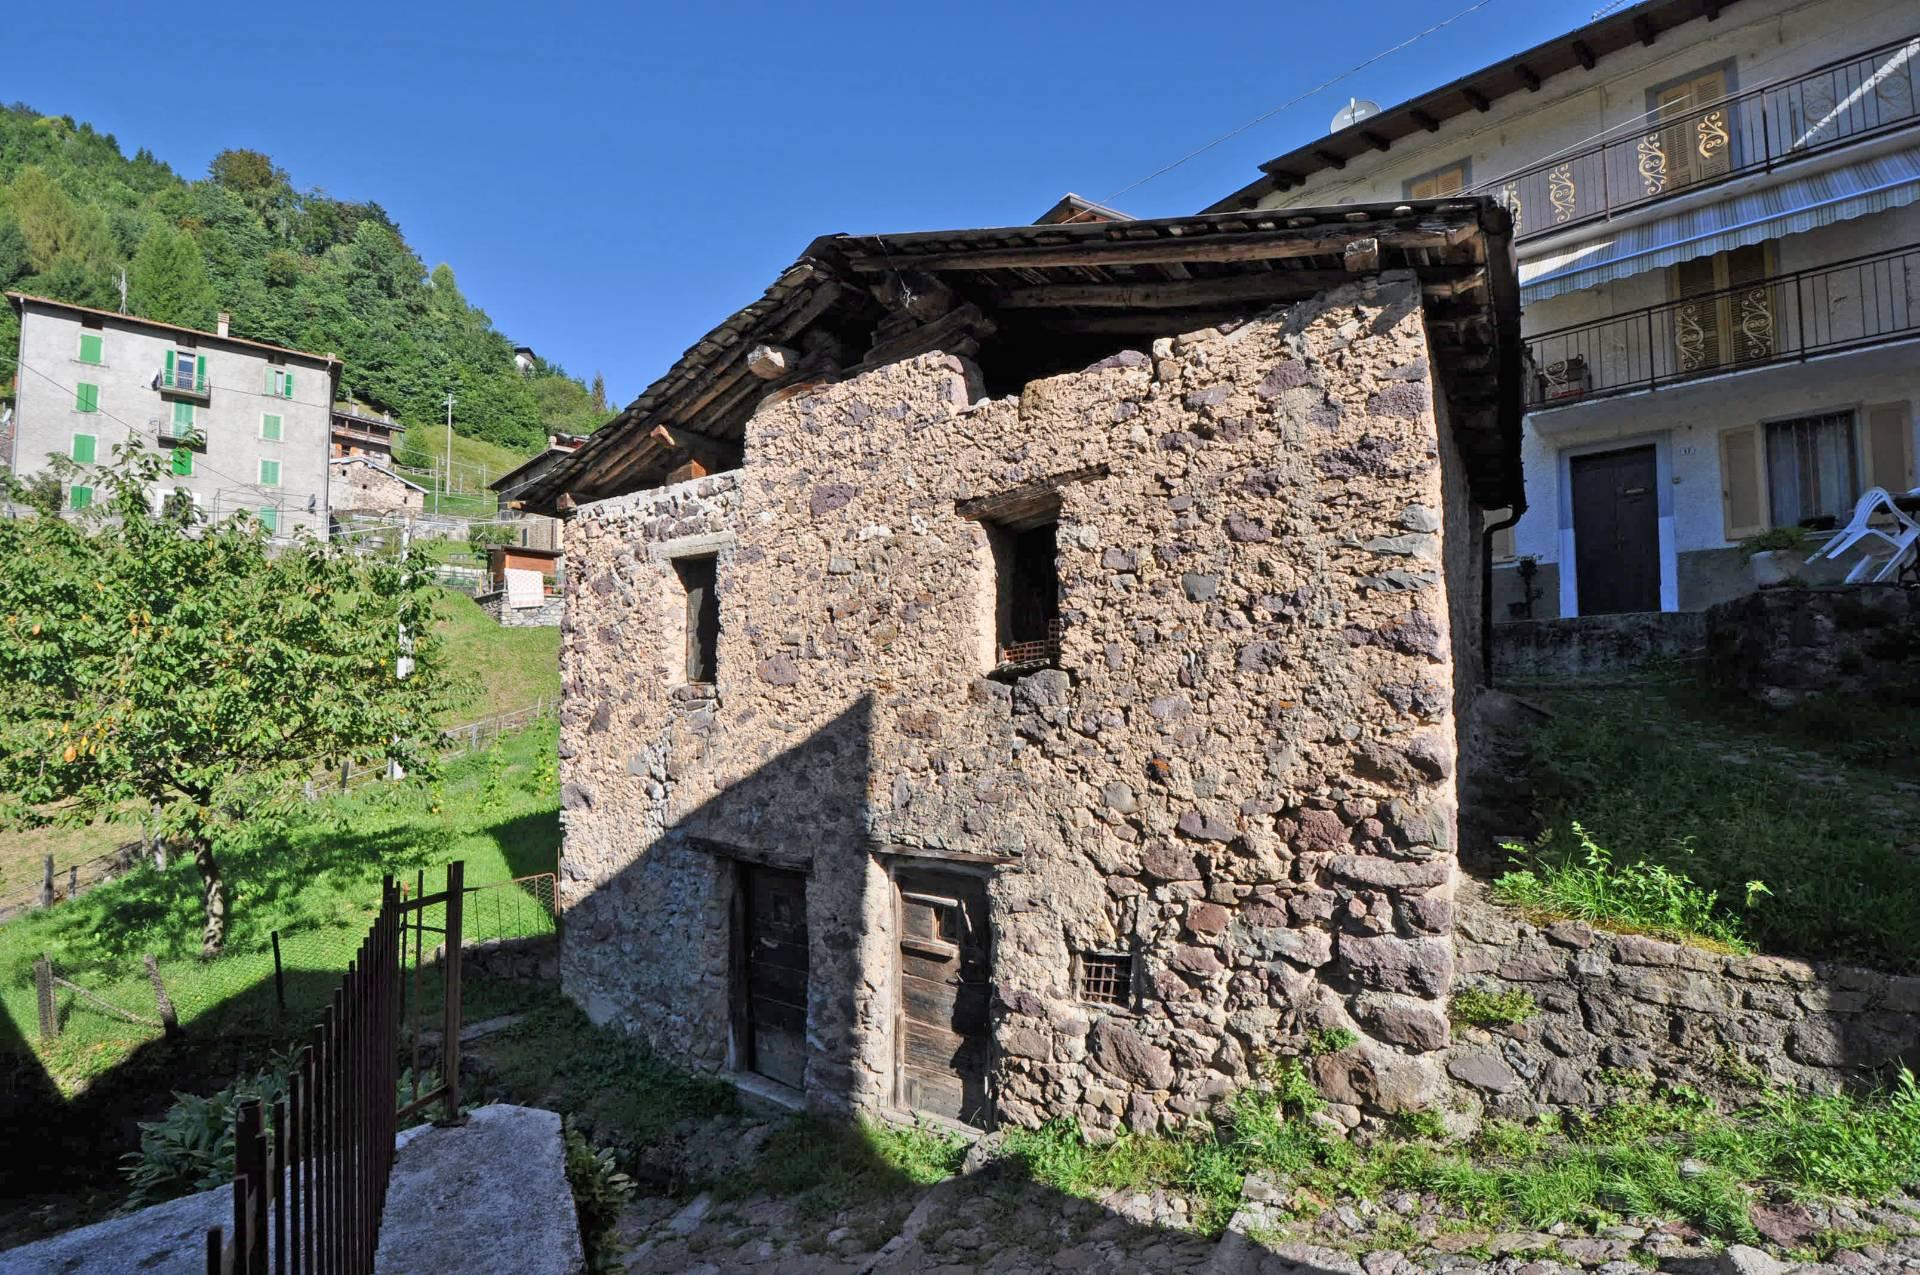 Rustico / Casale in vendita a Cusio, 3 locali, prezzo € 38.000 | Cambio Casa.it